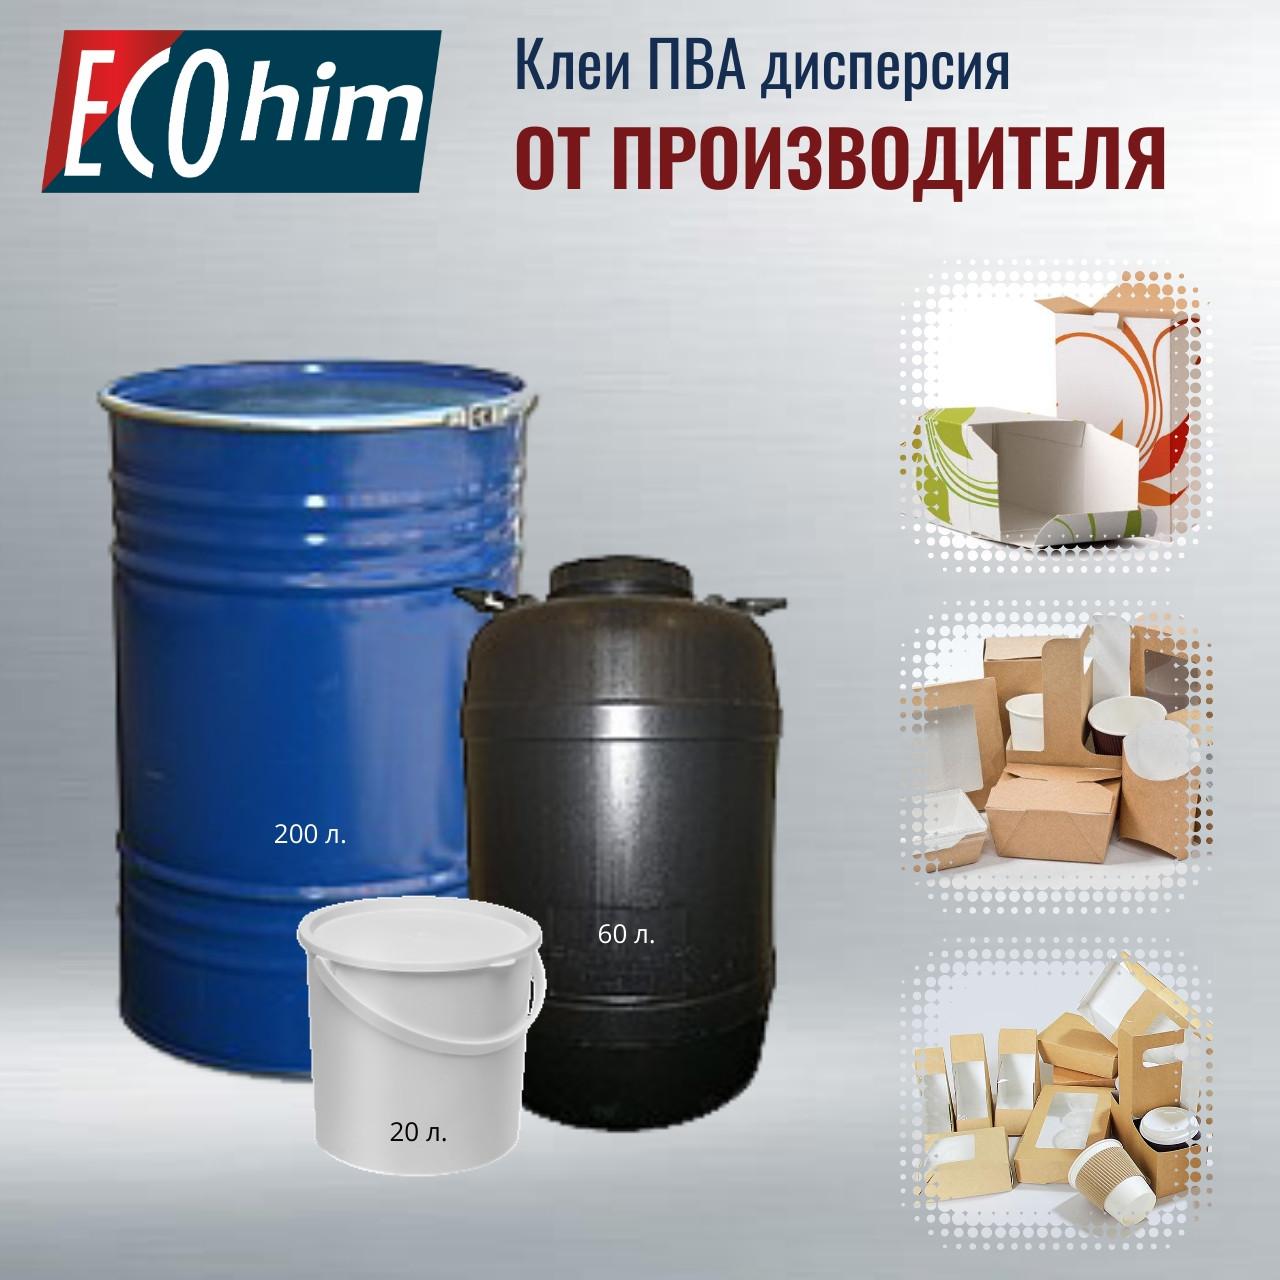 Клей ПВА для бумаги, картона, коробок, упаковки, одноразовой бумажной посуды. Марка Д 30 П оптом